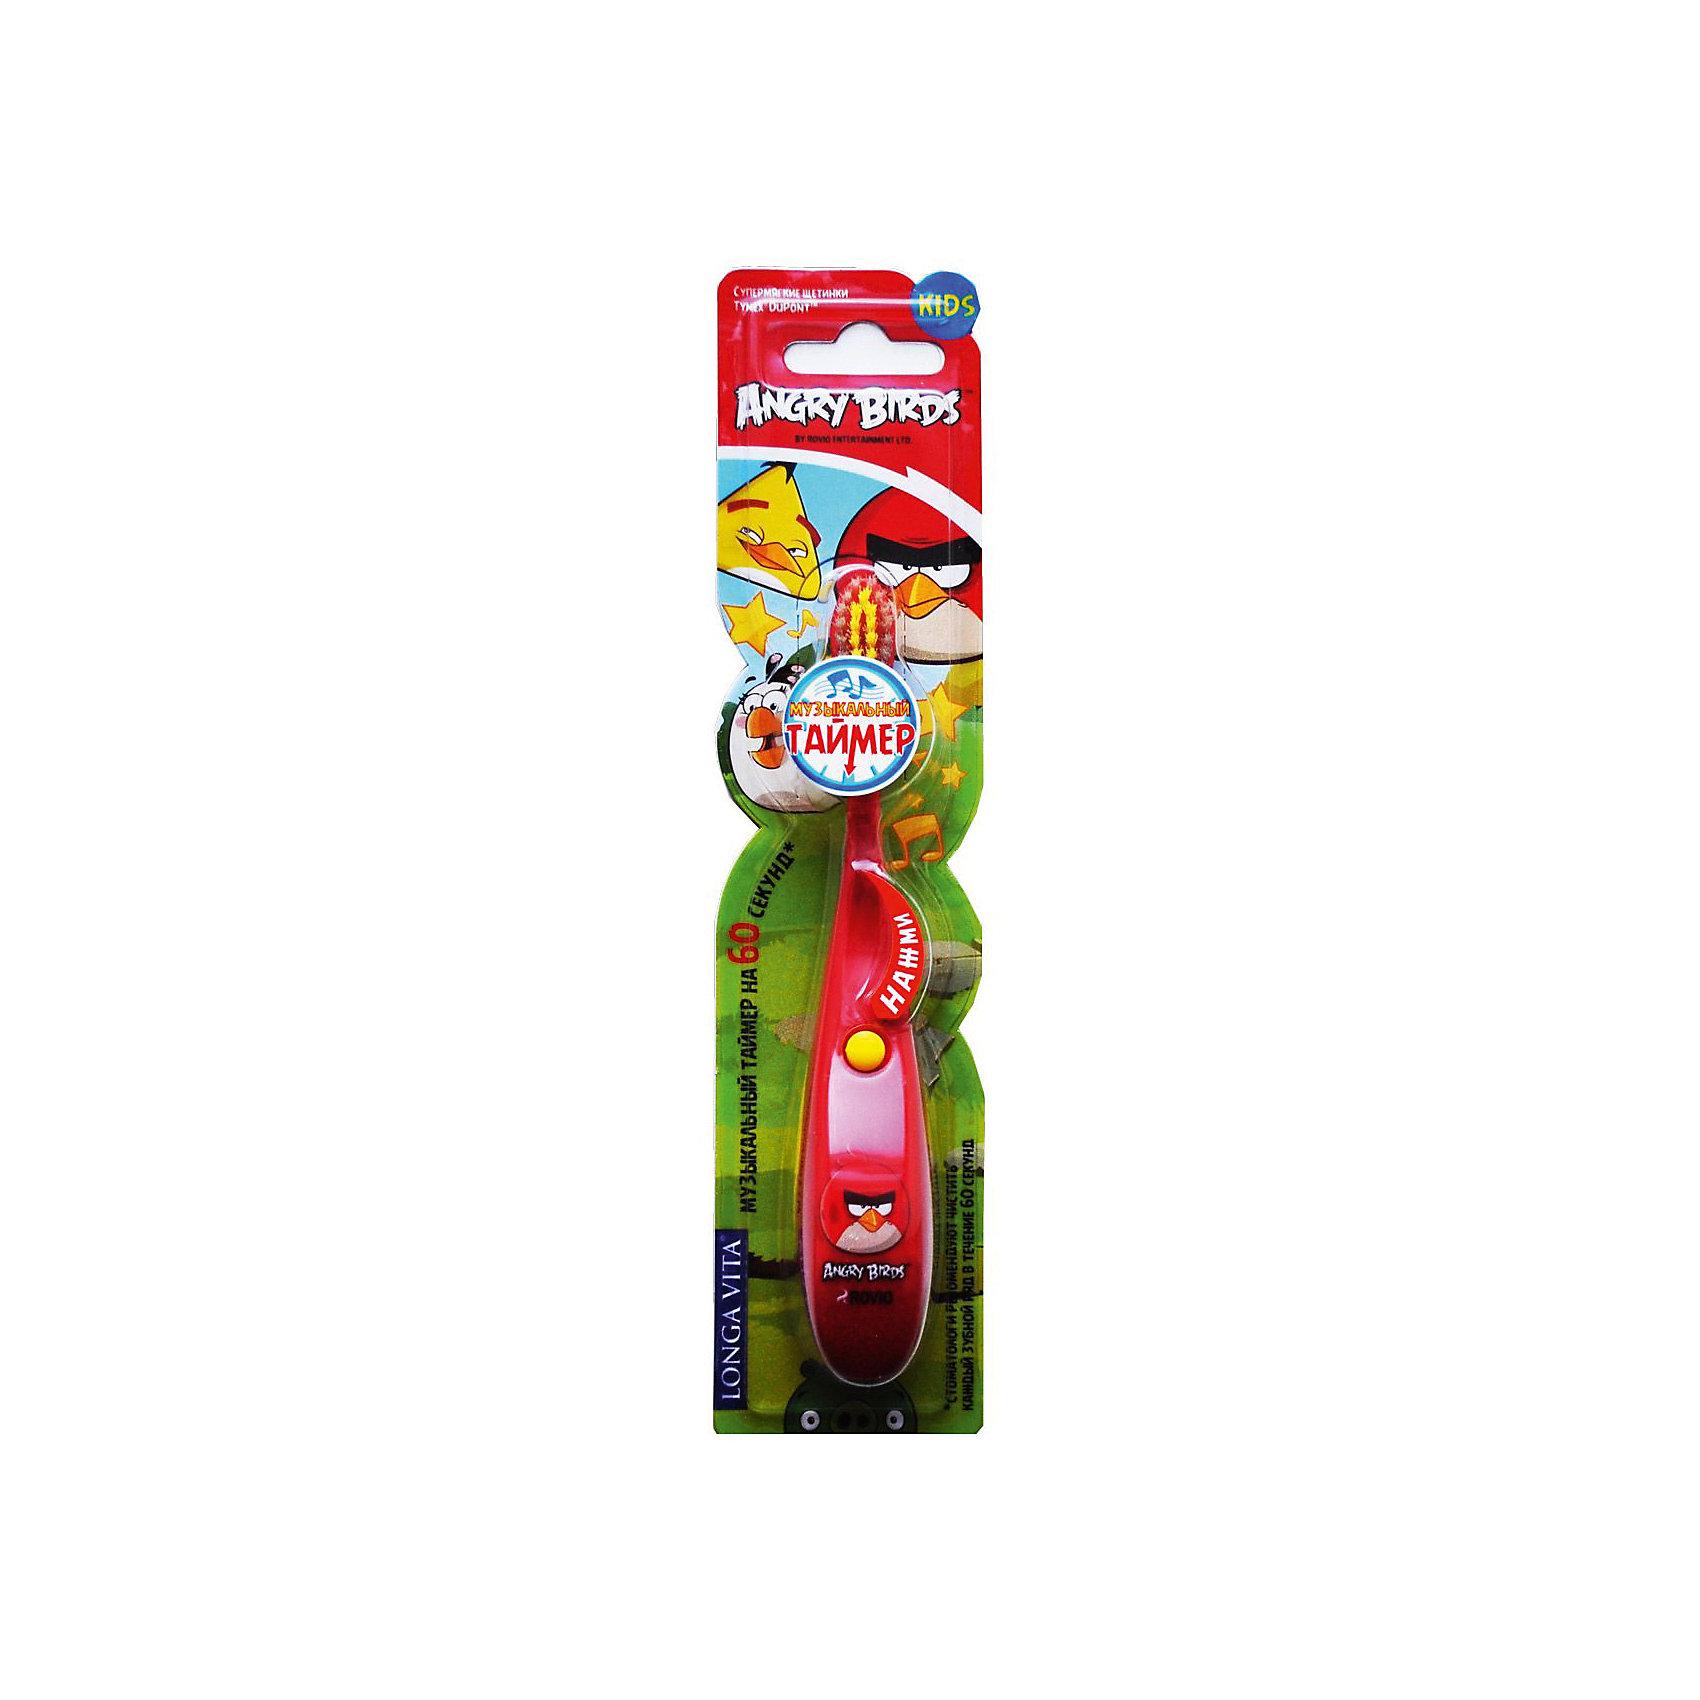 Детская зубная щётка музыкальная, Angry Birds, LONGA VITA, красныйДетская музыкальная зубная щётка, Angry Birds, LONGA VITA (Лонга Вита), красная.  <br><br>Характеристика:<br><br>• Материал: пластик, нейлон.<br>• Размер упаковки: 23х6х2 см. <br>• Жесткость: мягкая щетина Tynex DuPont. <br>• Удобная подставка-присоска.<br>• Эргономичная ручка с выступом для большого пальца. <br>• Музыкальный таймер на 60 секунд (минимальное время чистки зубов, рекомендованное стоматологами). <br>• Яркий привлекательный дизайн. <br>• Батарейки в комплекте. <br><br>Яркая зубная щетка с веселыми Angry Birds (Энгри Бердс) приведет в восторг любого ребенка! Нажимай на кнопку, слушай веселые мелодии и ухаживай за зубами! Щетка прекрасно удаляет зубной налет, очень маневренная, оснащена удобной подставкой-присоской. Благодаря мягкой щетине, не травмирует нежные детские десны. Удобная эргономичная ручка препятствует выскальзыванию. Привлекательный дизайн, изображения любимых героев и веселые звуки сделают процесс чистки зубов увлекательным и веселым! <br><br>Детскую музыкальную зубную щётку, Angry Birds, LONGA VITA, красную, можно купить в нашем магазине.<br><br>Ширина мм: 20<br>Глубина мм: 25<br>Высота мм: 160<br>Вес г: 40<br>Возраст от месяцев: 36<br>Возраст до месяцев: 72<br>Пол: Унисекс<br>Возраст: Детский<br>SKU: 5130695